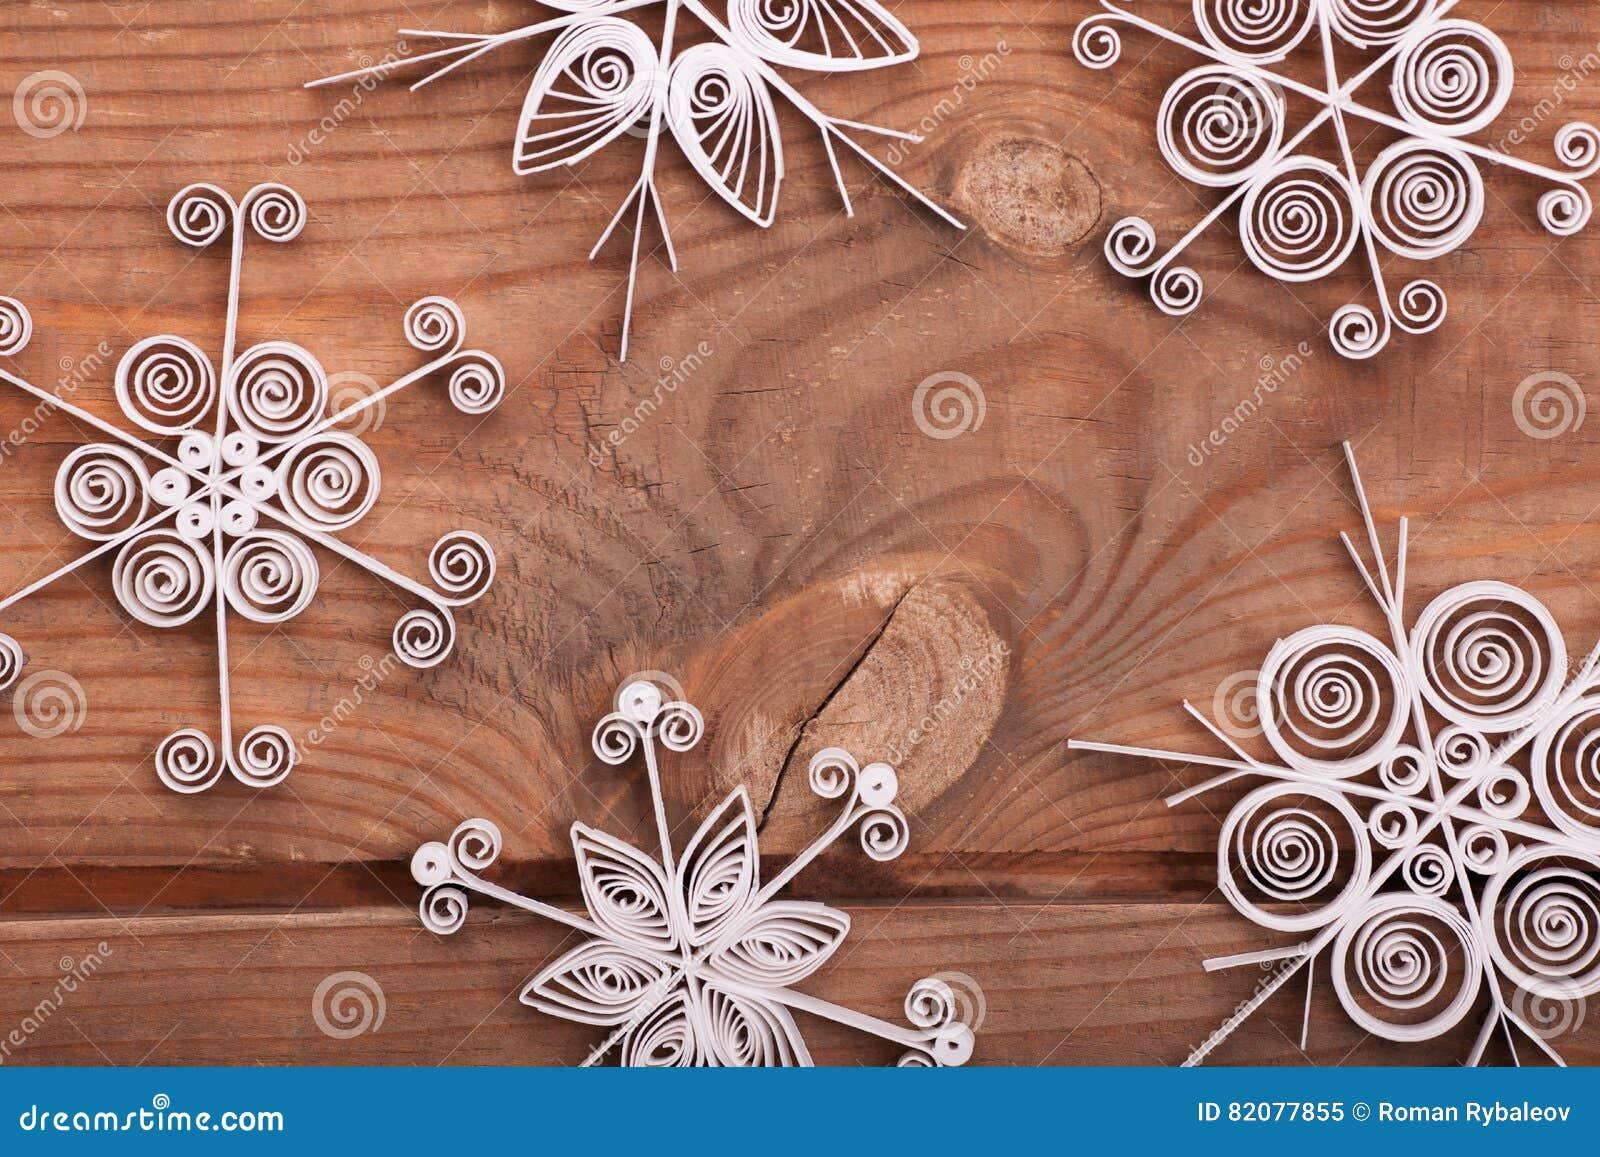 Fiocchi Di Neve Di Carta Tutorial : Fiocchi di neve con la carta. motivo natalizio con fiocchi di neve e